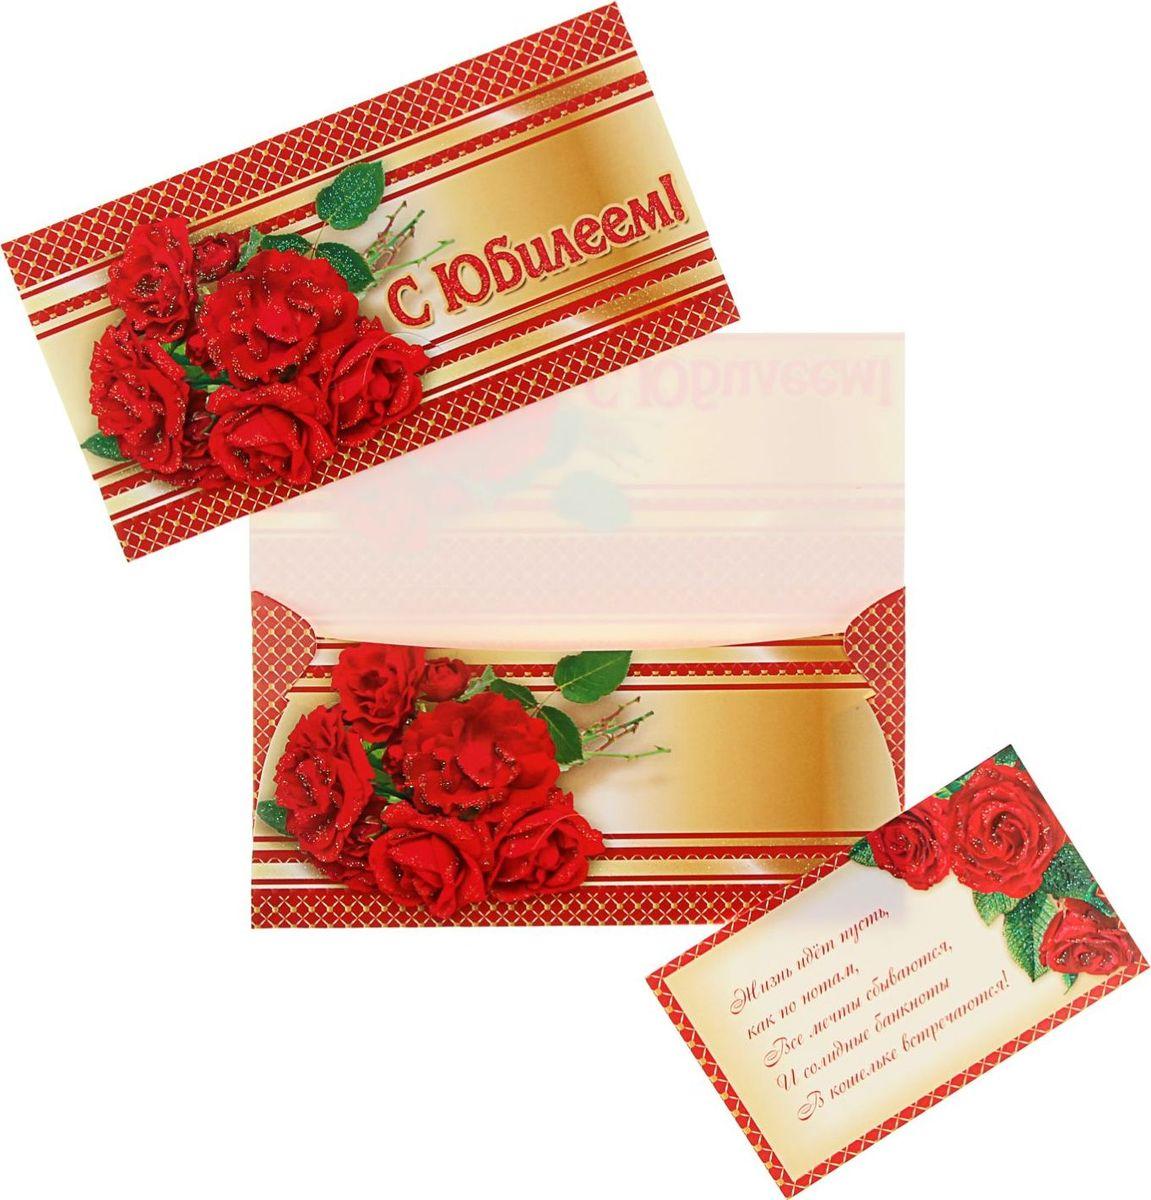 Конверт для денег Русский дизайн С Юбилеем! Букет красных роз, 16,5 х 8,5 см1418543Невозможно представить нашу жизнь без праздников! Мы всегда ждём их и предвкушаем, обдумываем, как проведём памятный день, тщательно выбираем подарки и аксессуары, ведь именно они создают и поддерживают торжественный настрой. Этот конверт для денег - отличный выбор, который привнесёт атмосферу праздника в ваш дом!